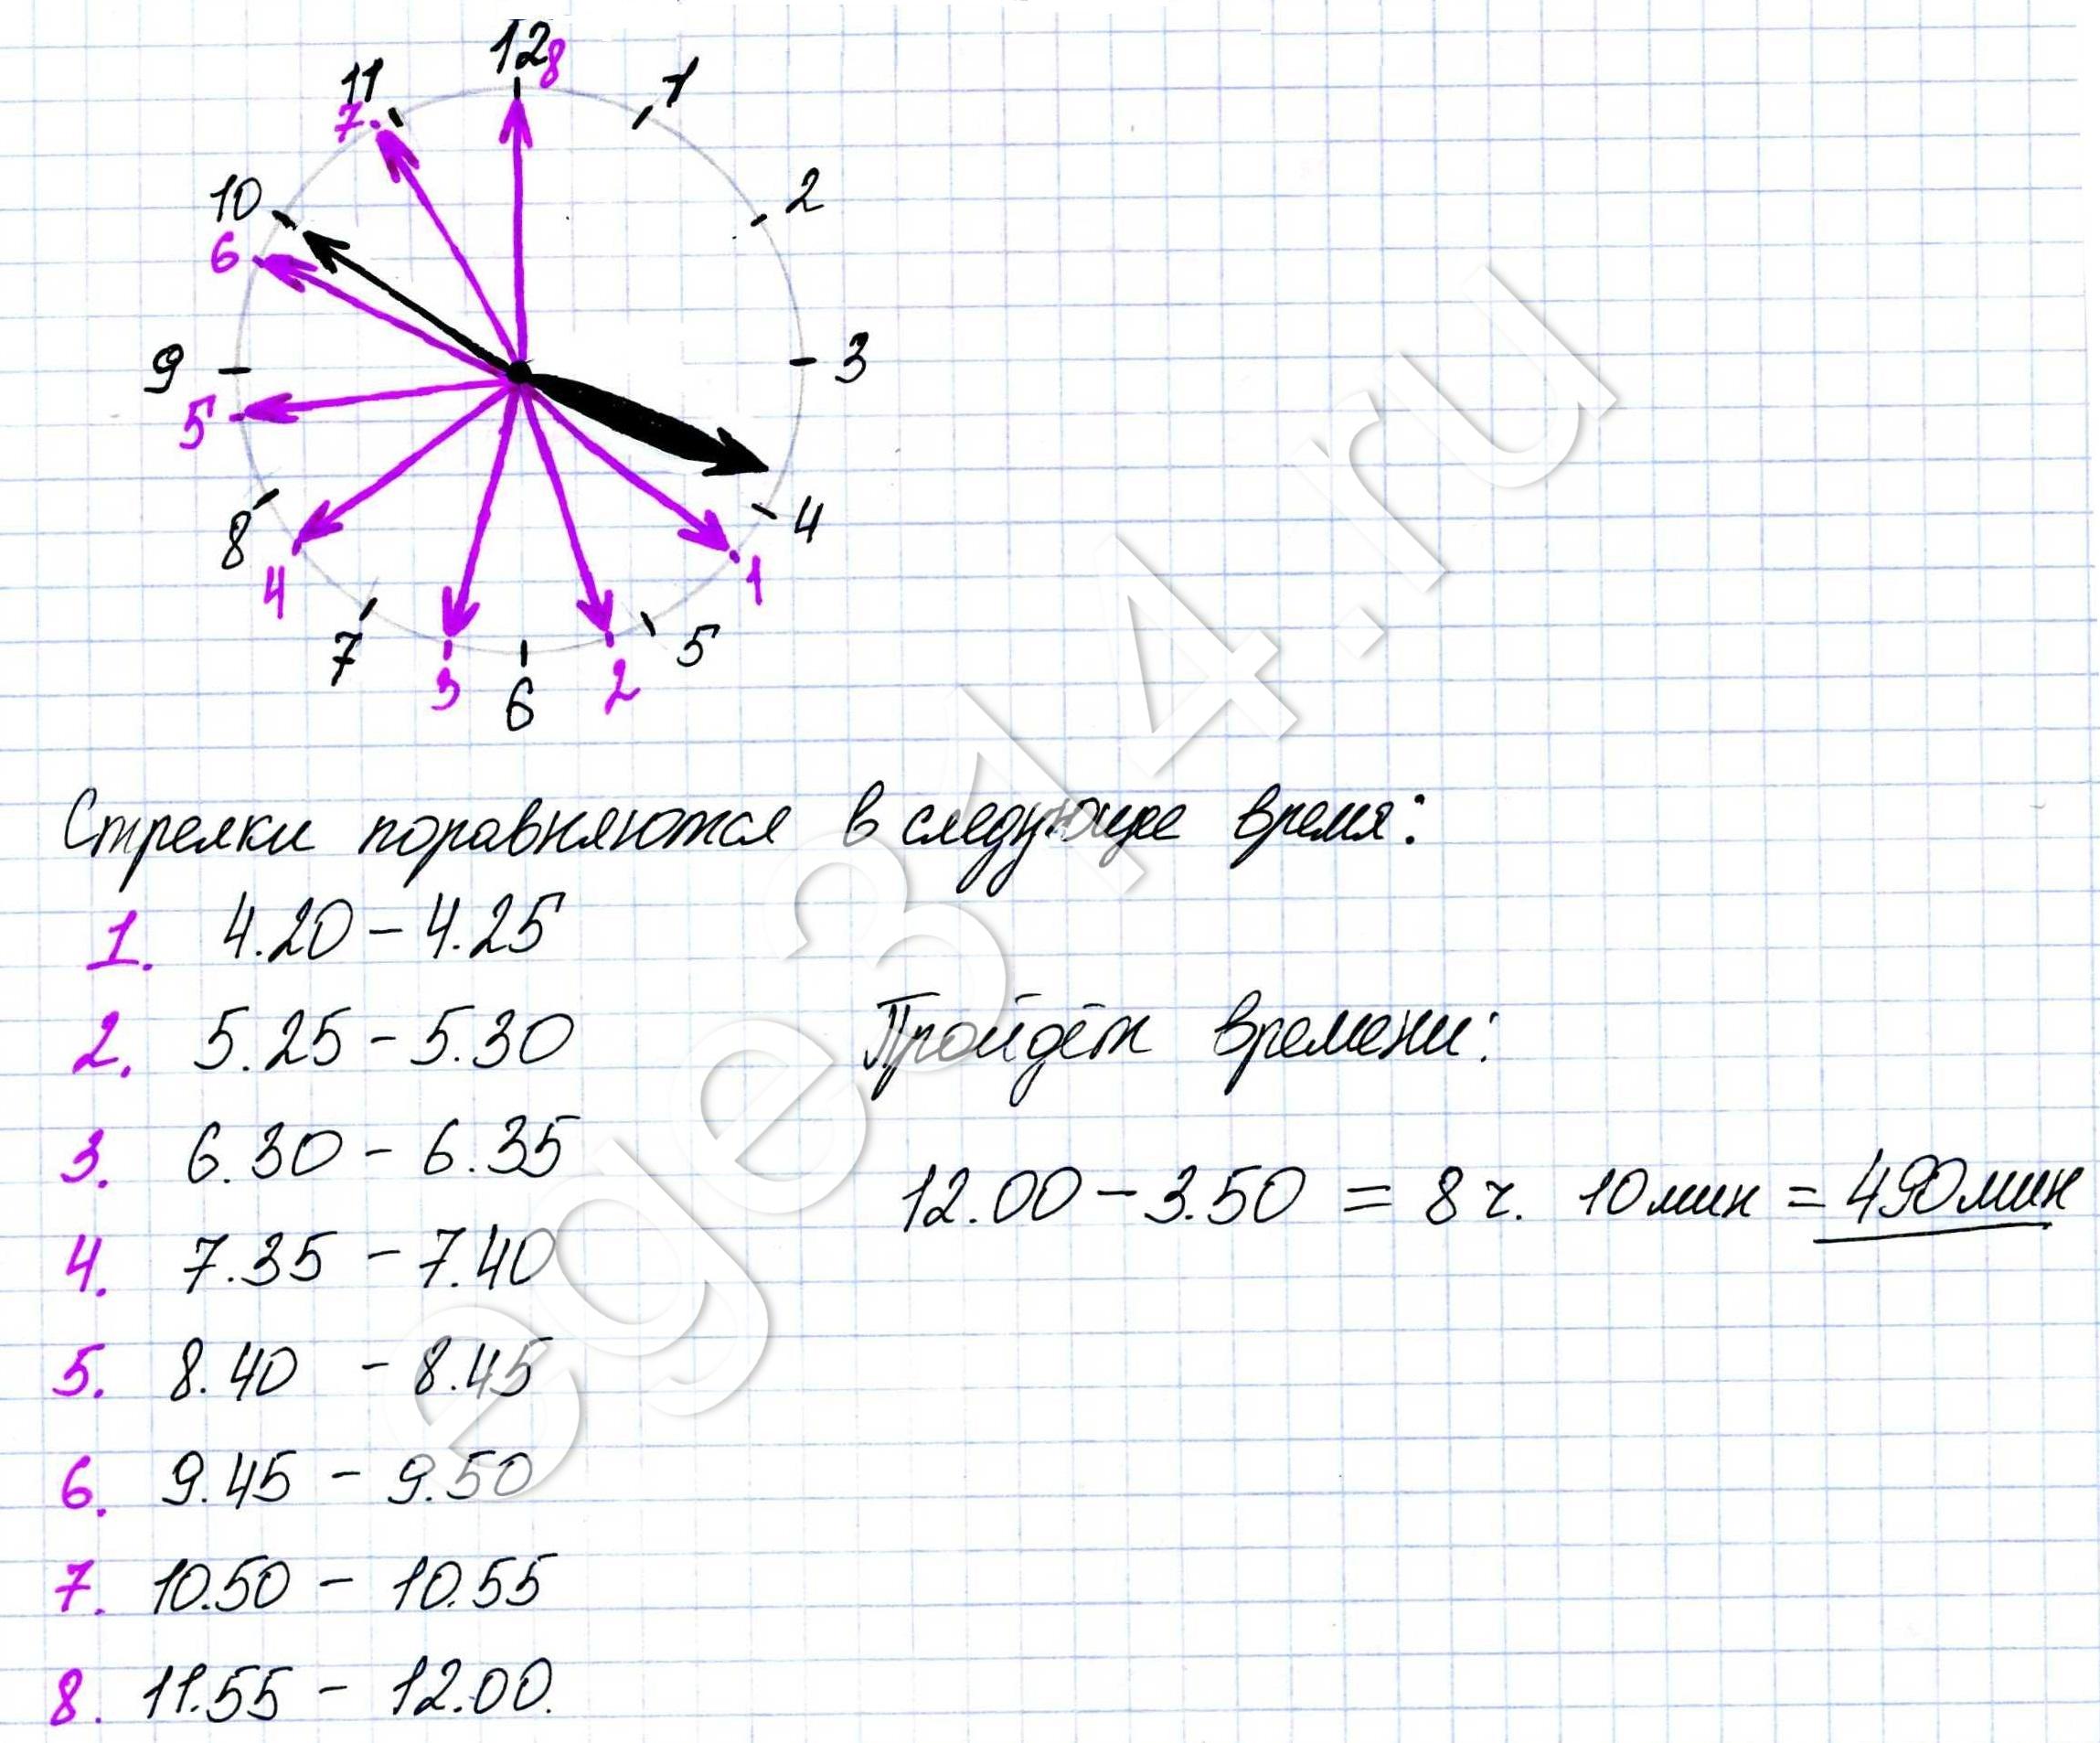 Часы со стрелками показывают 3 часа 50 минут.